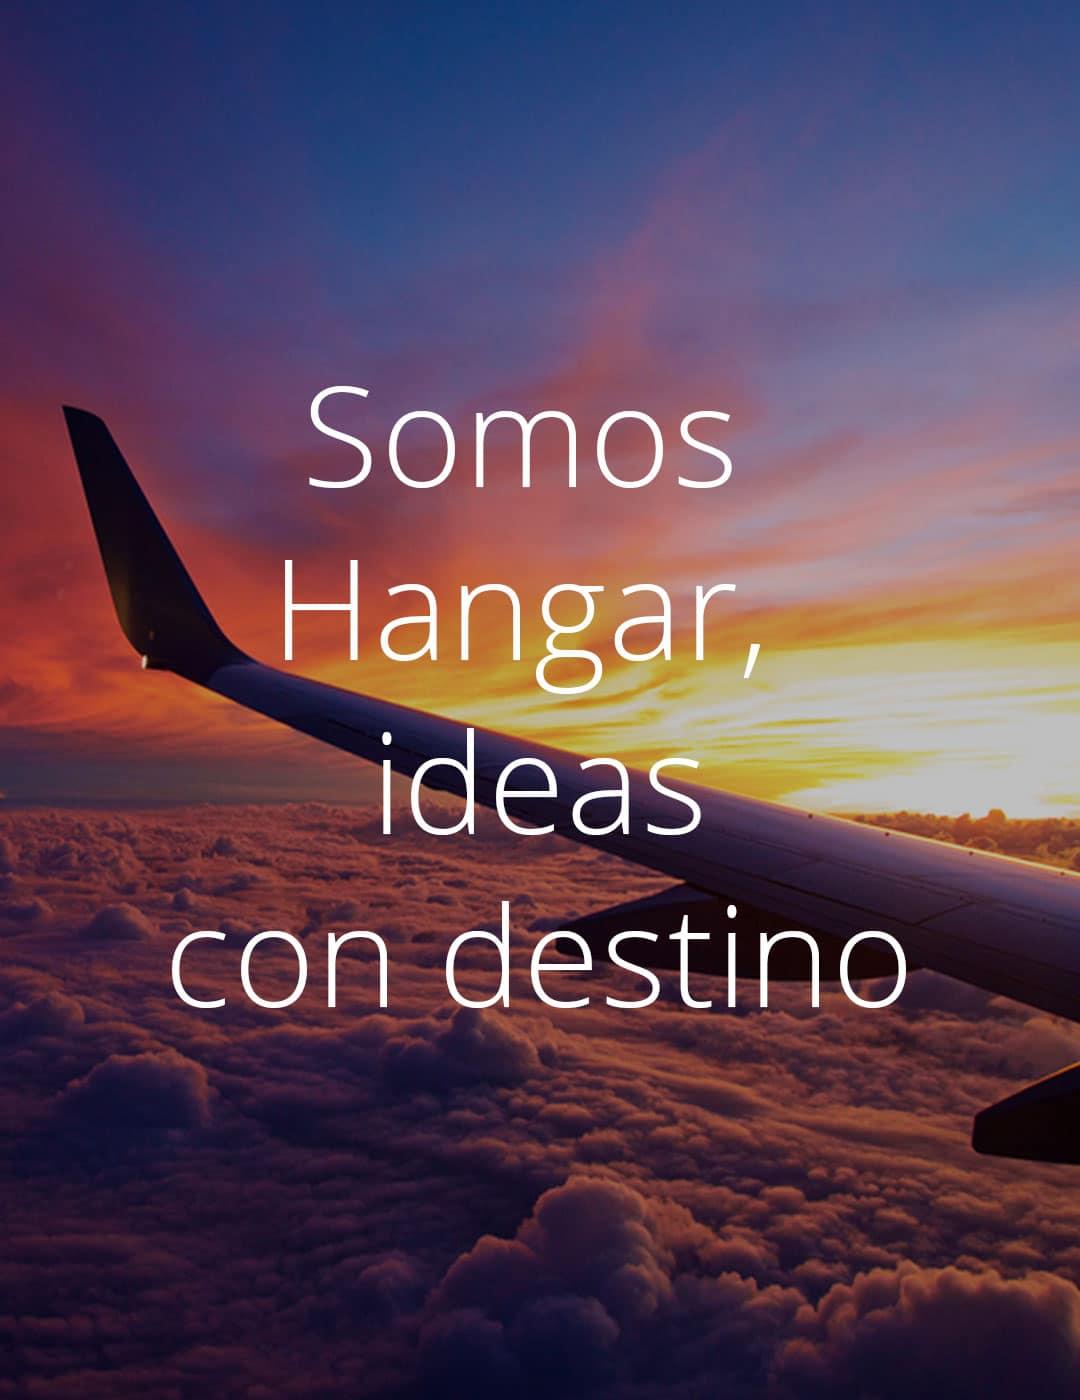 Somos Hangar, ideas con destino